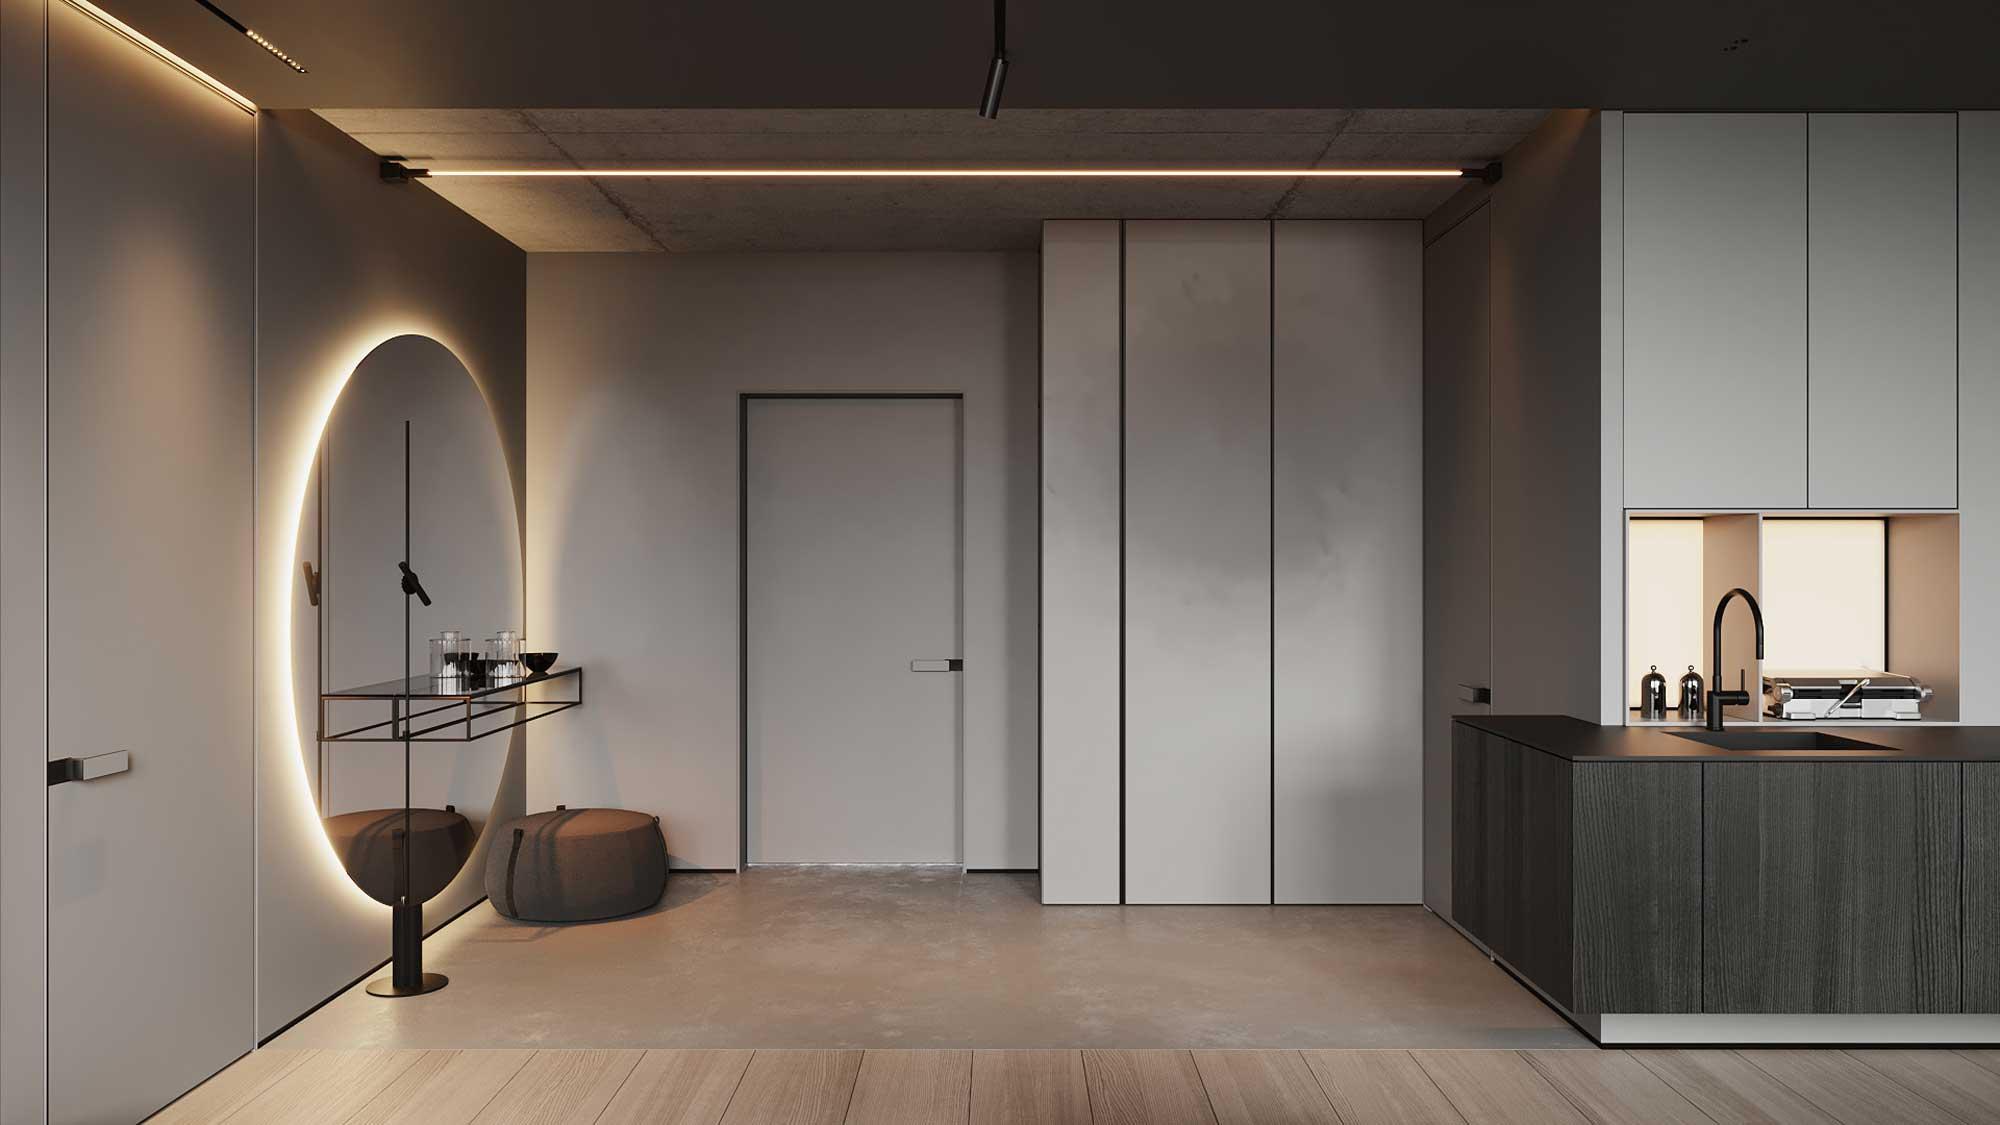 Une entrée minimaliste économe en meubles avec un grand miroir rond éclairé par des néons